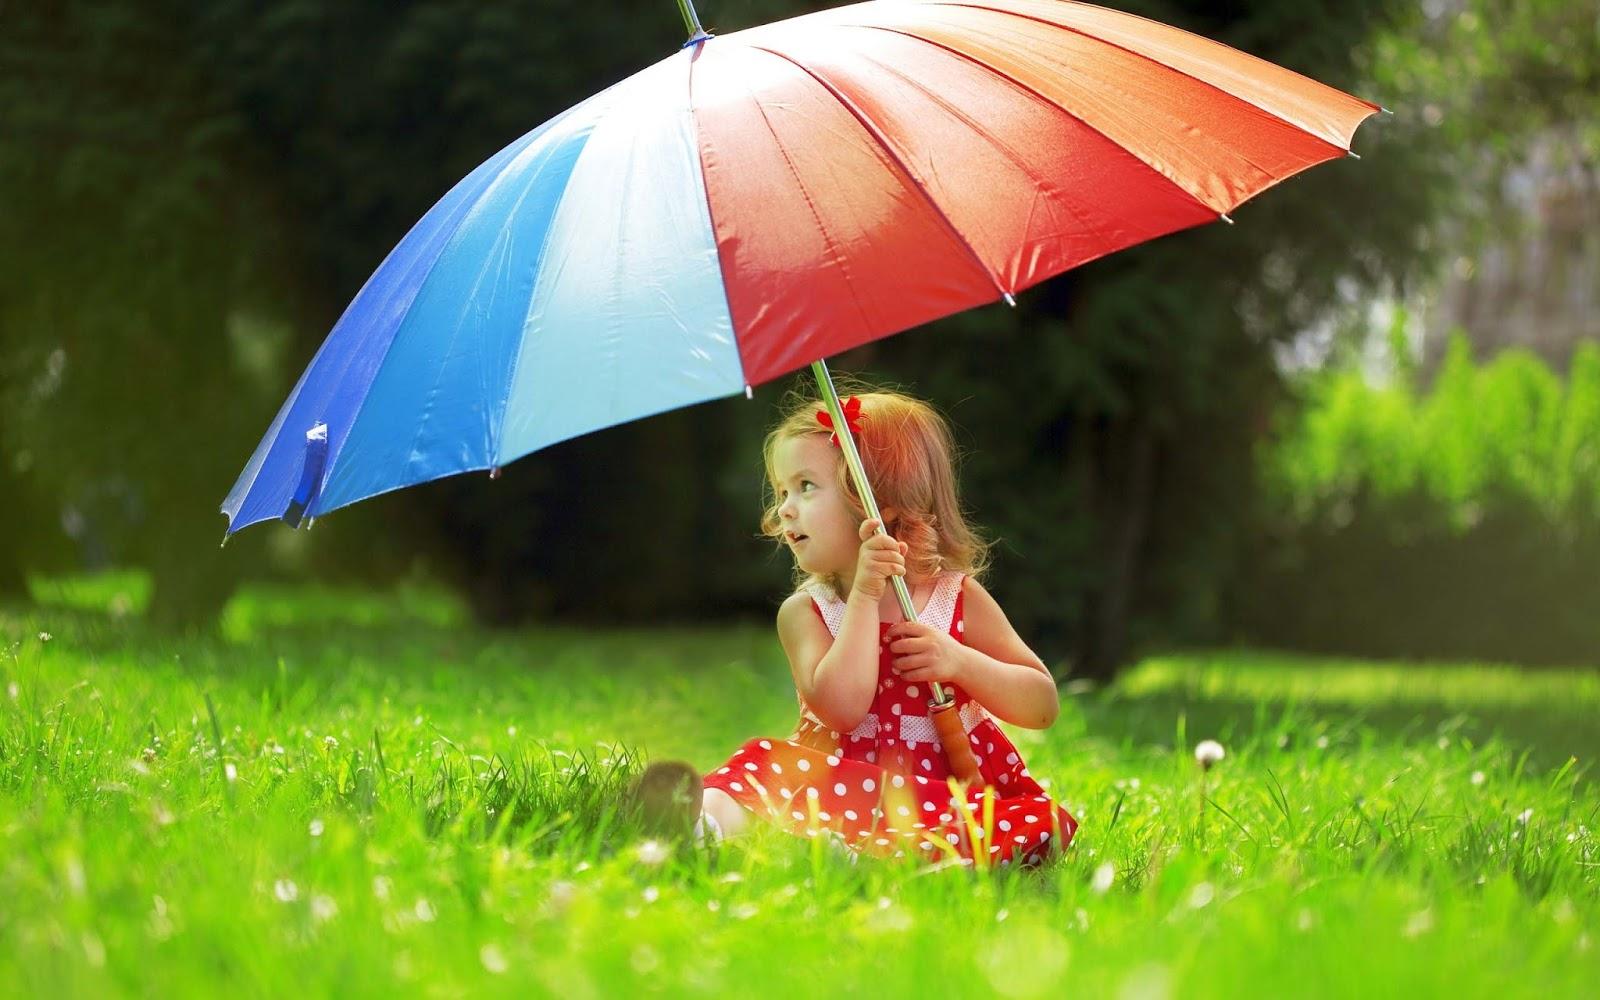 خلفيات أطفال للتصميم عالية الجودة Hd صور أطفال بيبي منوعة أولاد وبنات جميلة Baby Kids Images